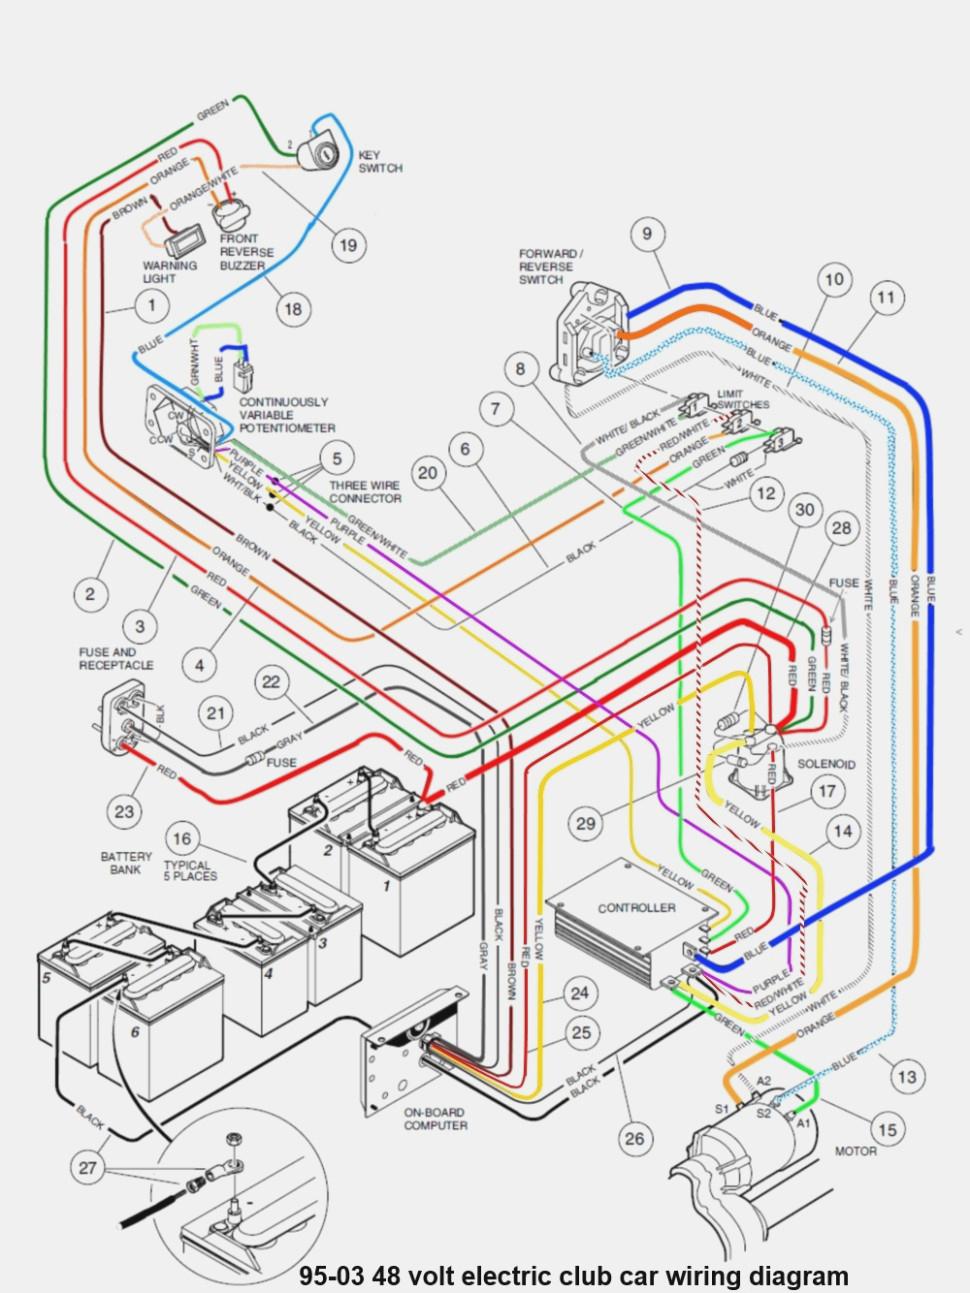 2008 Club Car Iq Wiring Diagram 48V | Wiring Diagram - 2008 Club Car Precedent Wiring Diagram